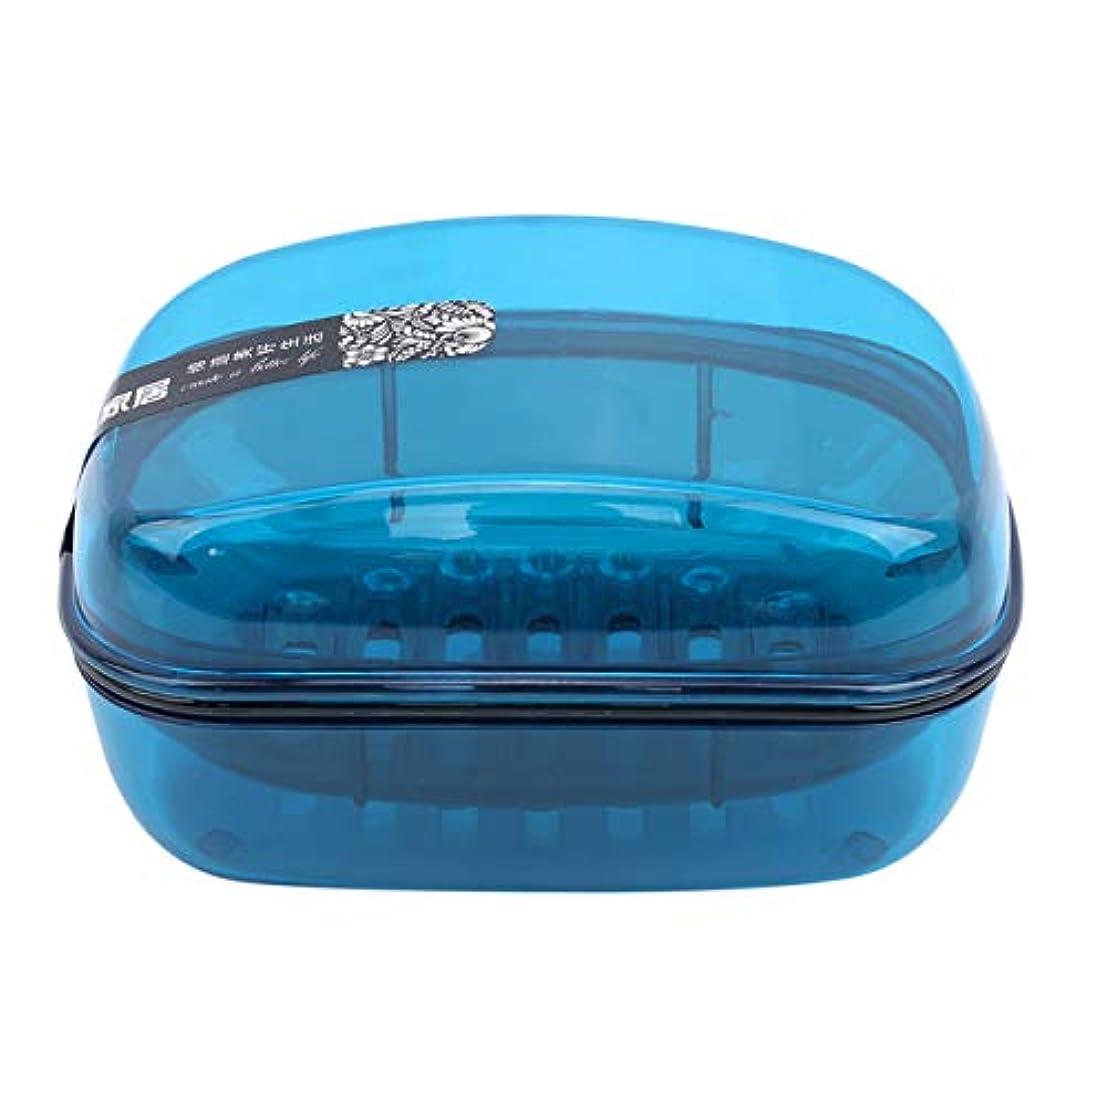 シリーズ地図行列ZALING石鹸収納ボックス皿バスルームアクセサリーソープボックスケースホルダー付きカバーブルー